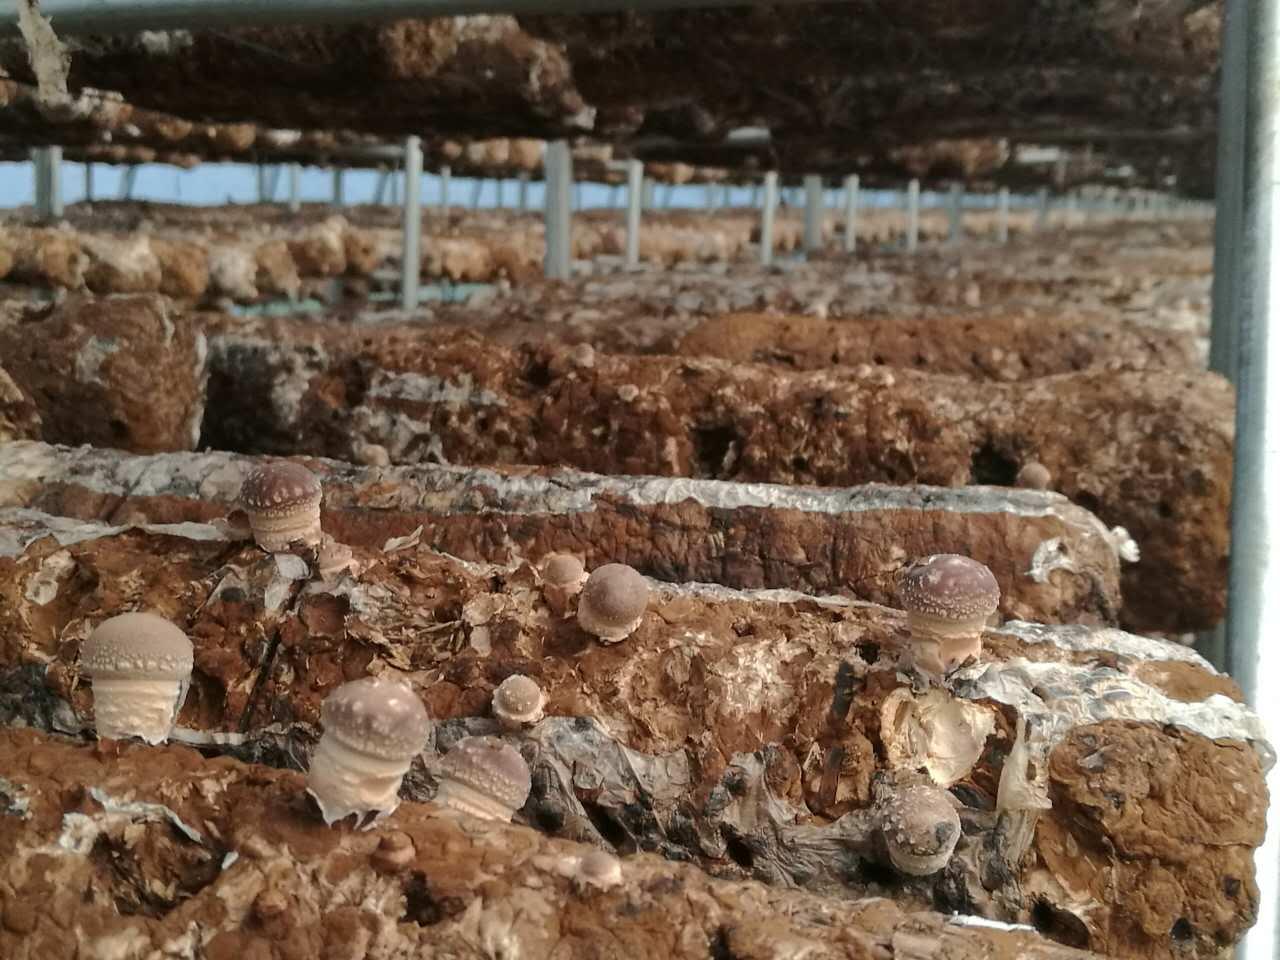 蘑菇大棚里从菌棒上刚刚长出来的蘑菇(新华社记者王宇 摄)